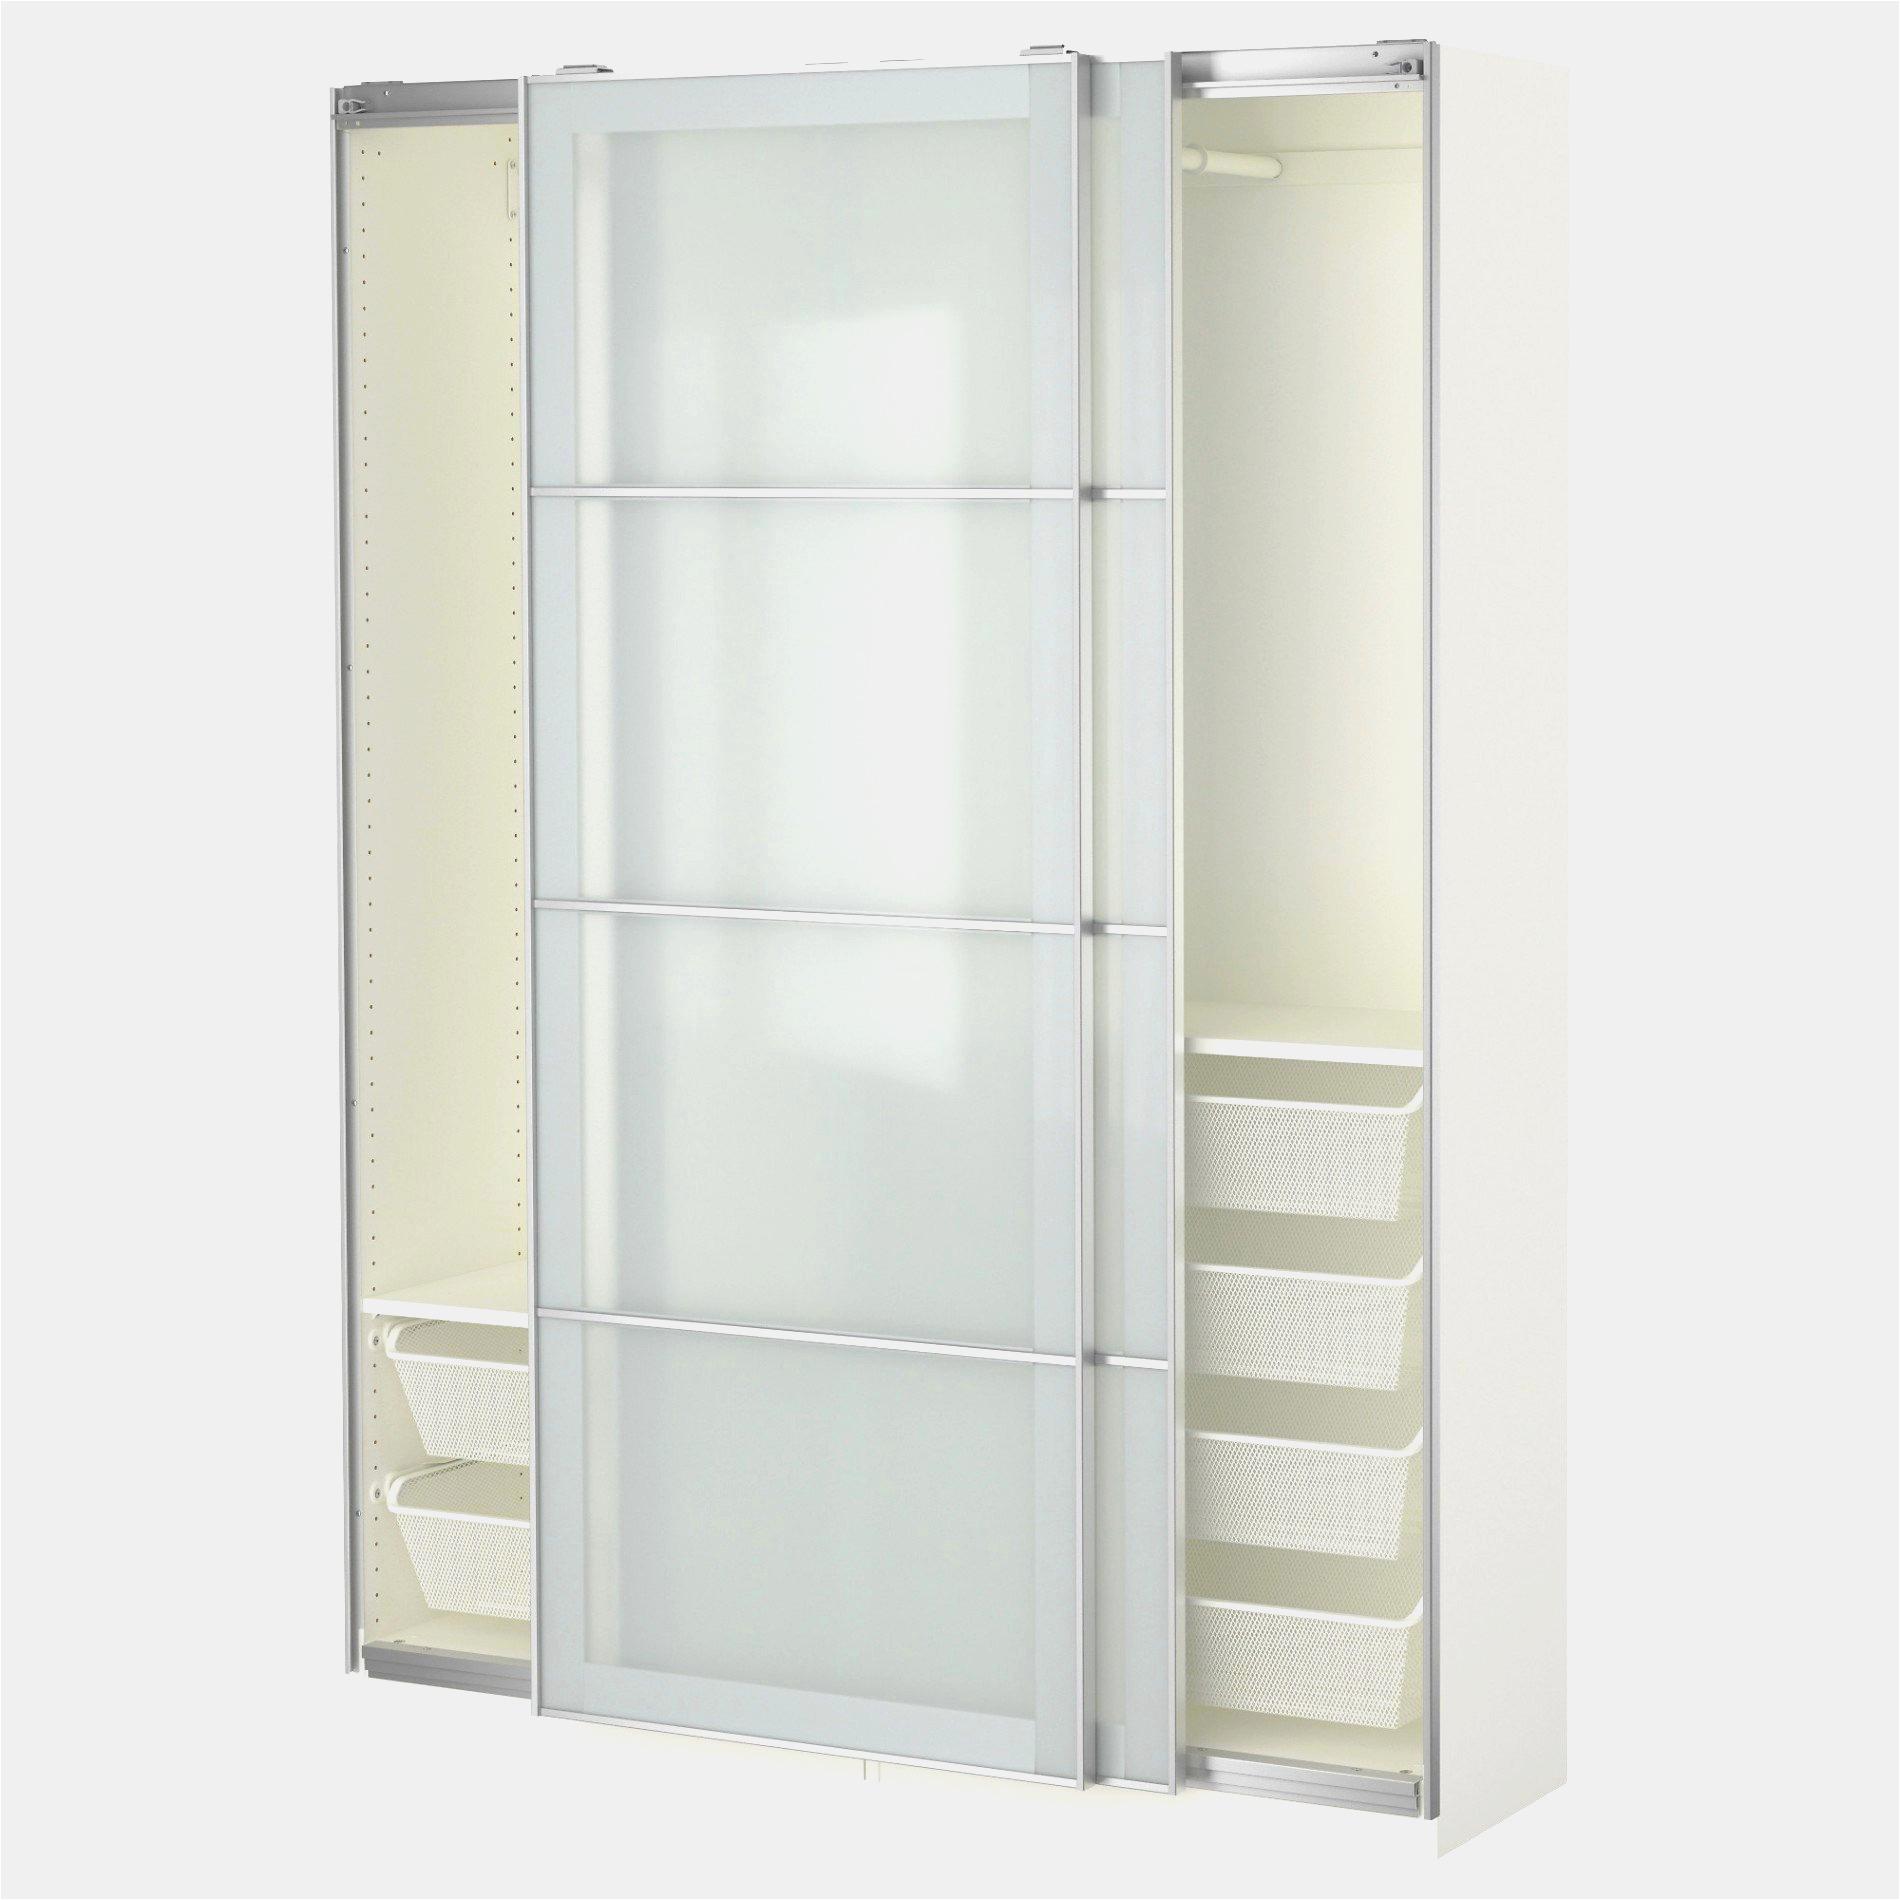 Spiegel Für Badezimmer Schrank Spiegel Für Badezimmer Aukin